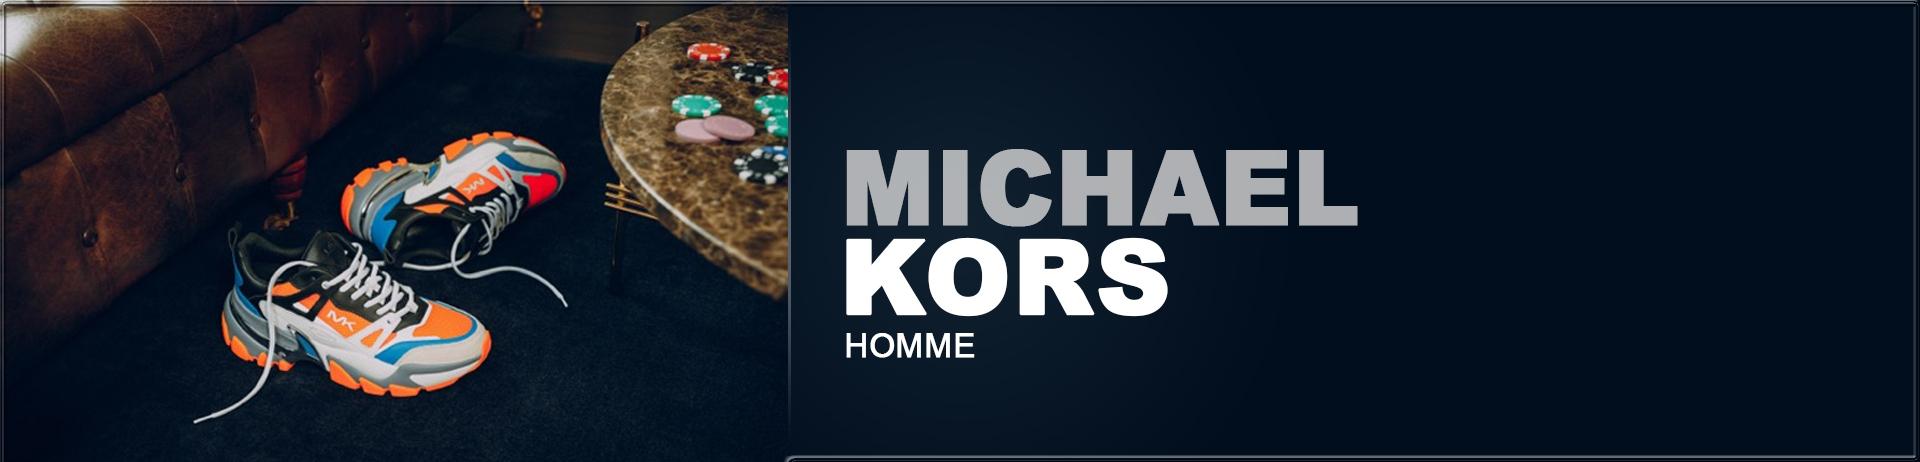 Michael Kors homme